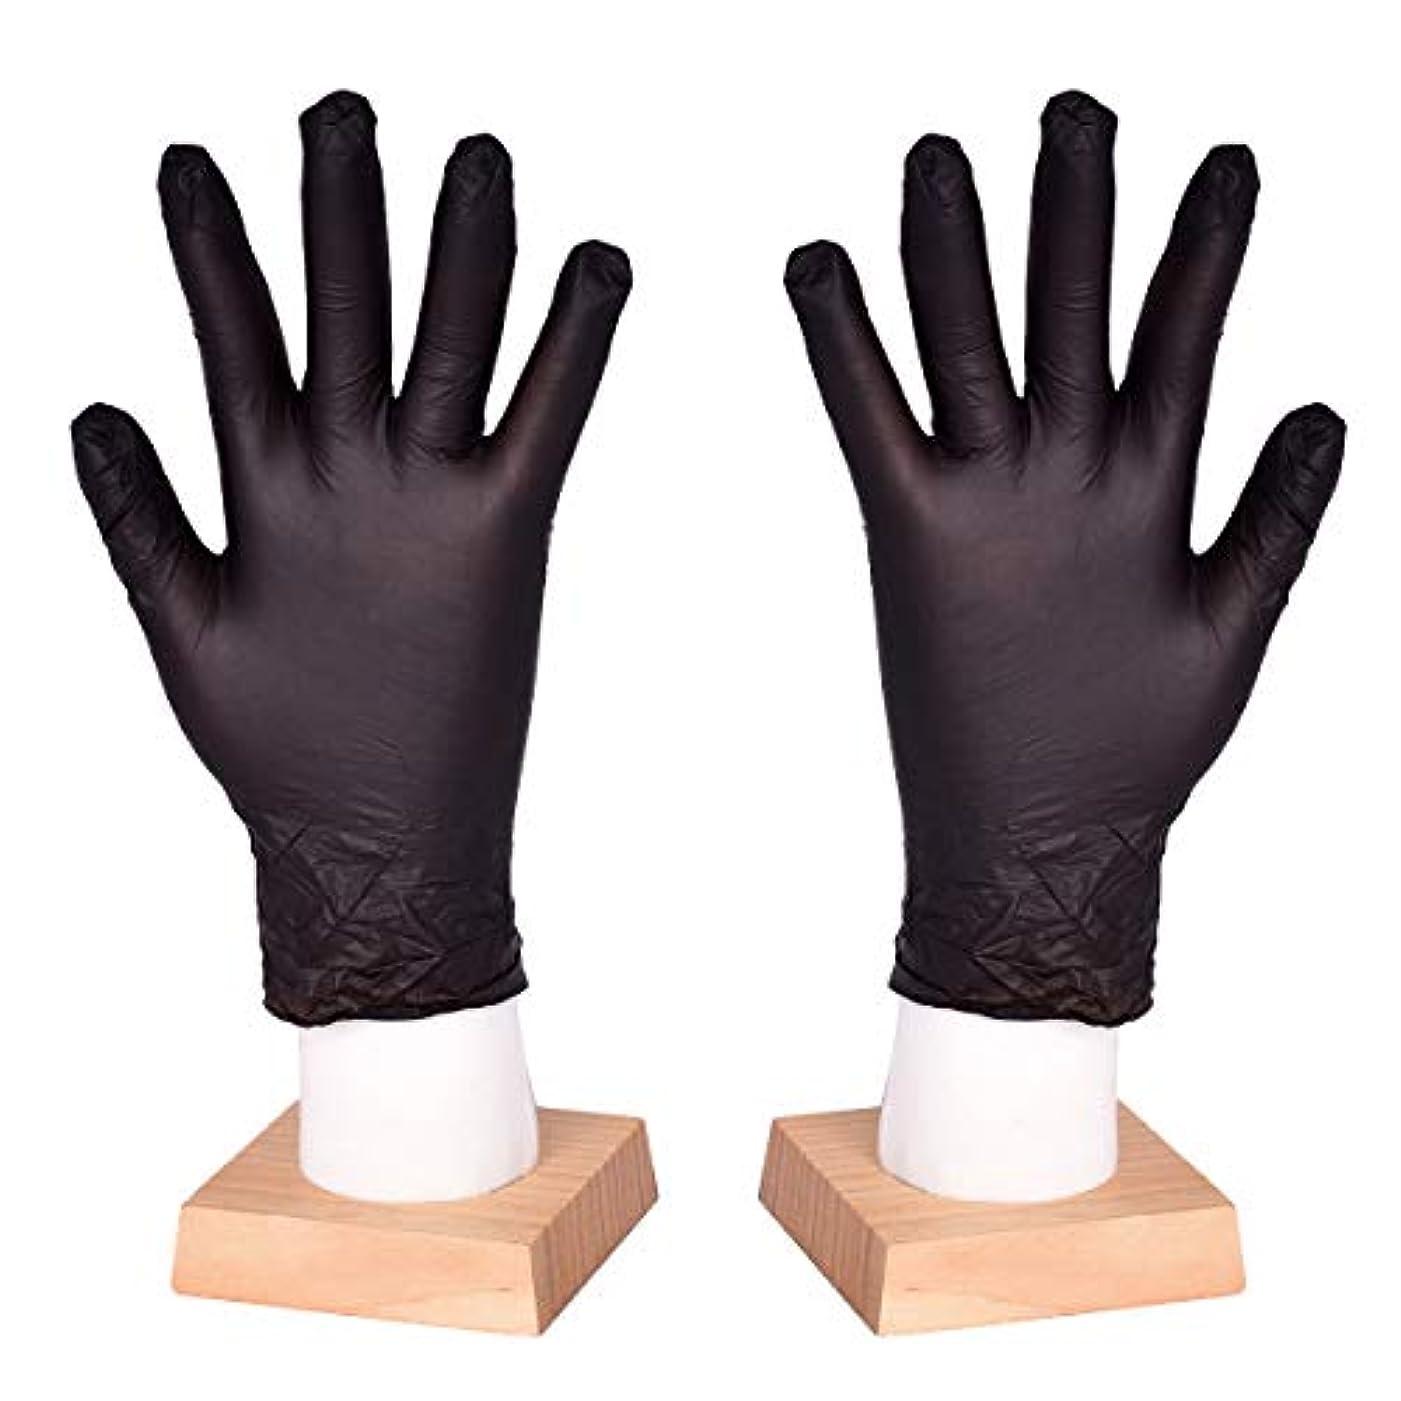 実現可能説明傑作[FJTK]使い捨て手袋 滑りにくい 超弾性 多用途 黒 100枚入 (L)